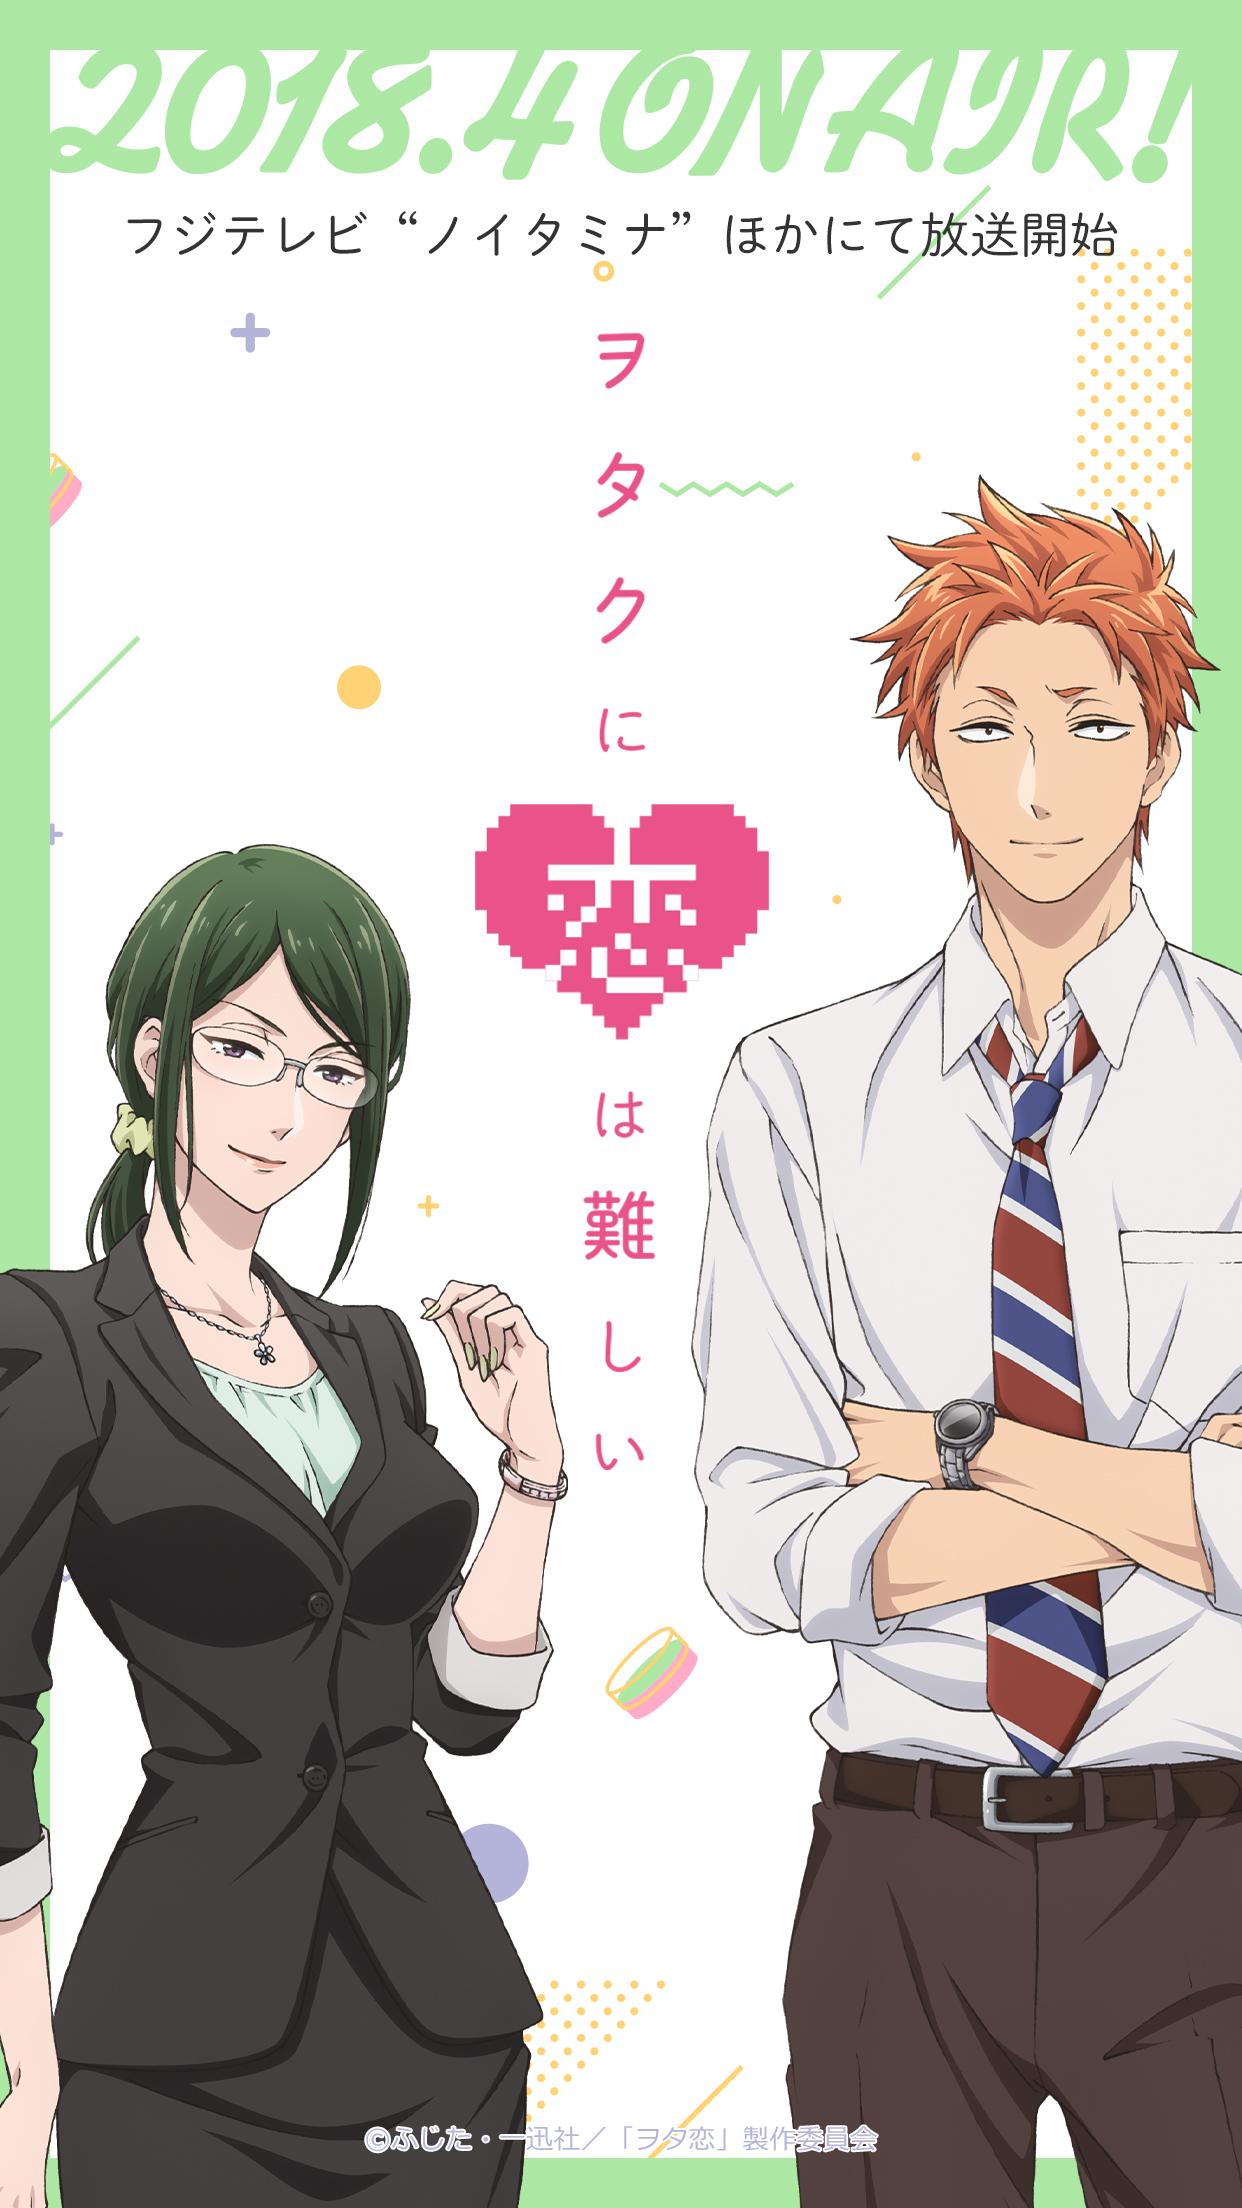 ティザービジュアル壁紙プレゼント Tvアニメ ヲタクに恋は難しい